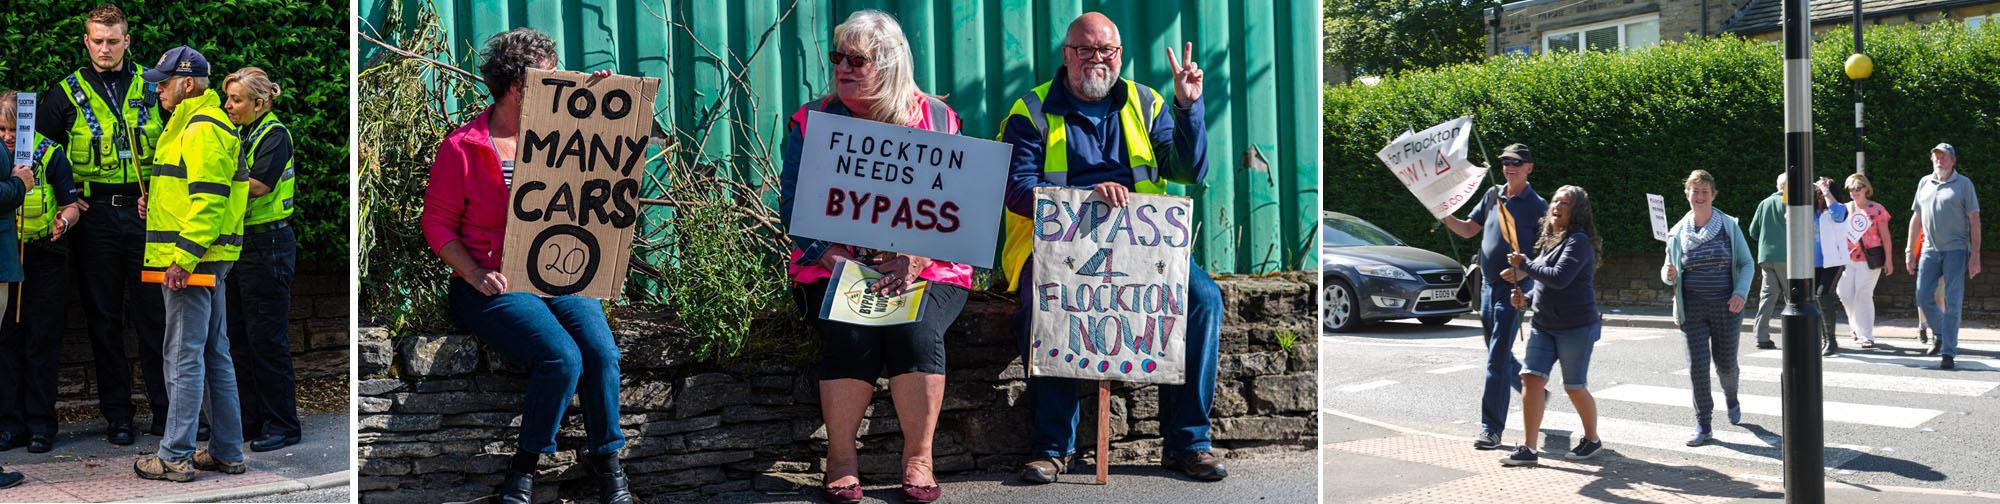 Flockton Bypass